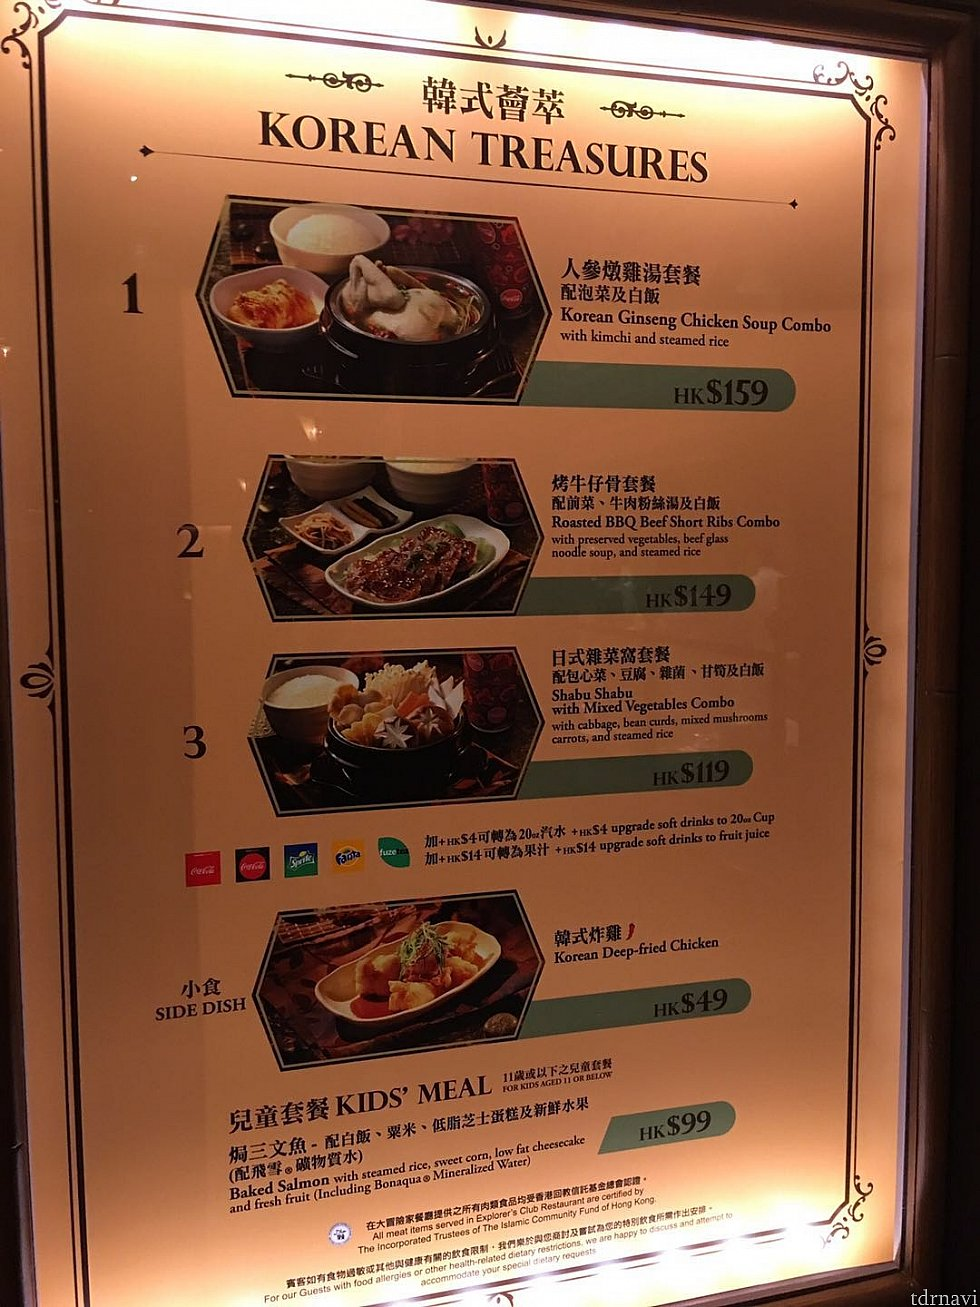 チキンスープ、焼肉、日本風鍋物、韓国風フライドチキンがあります。